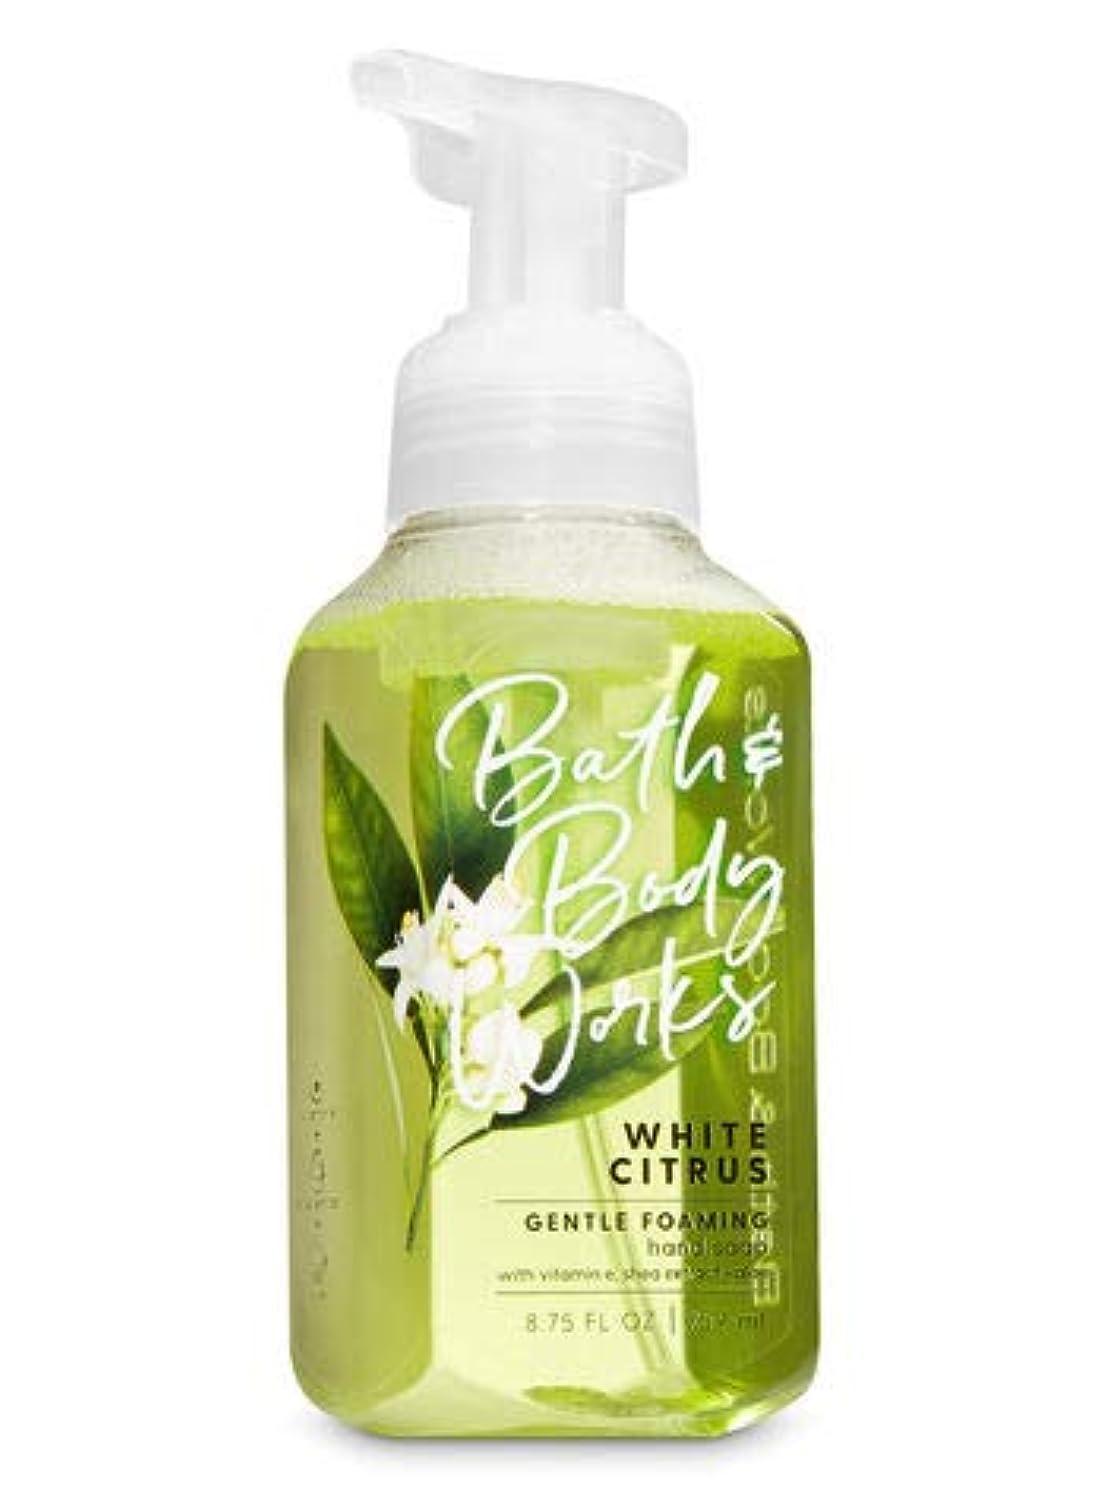 法律八百屋さん勃起バス&ボディワークス ホワイトシトラス ジェントル フォーミング ハンドソープ White Citrus Gentle Foaming Hand Soap